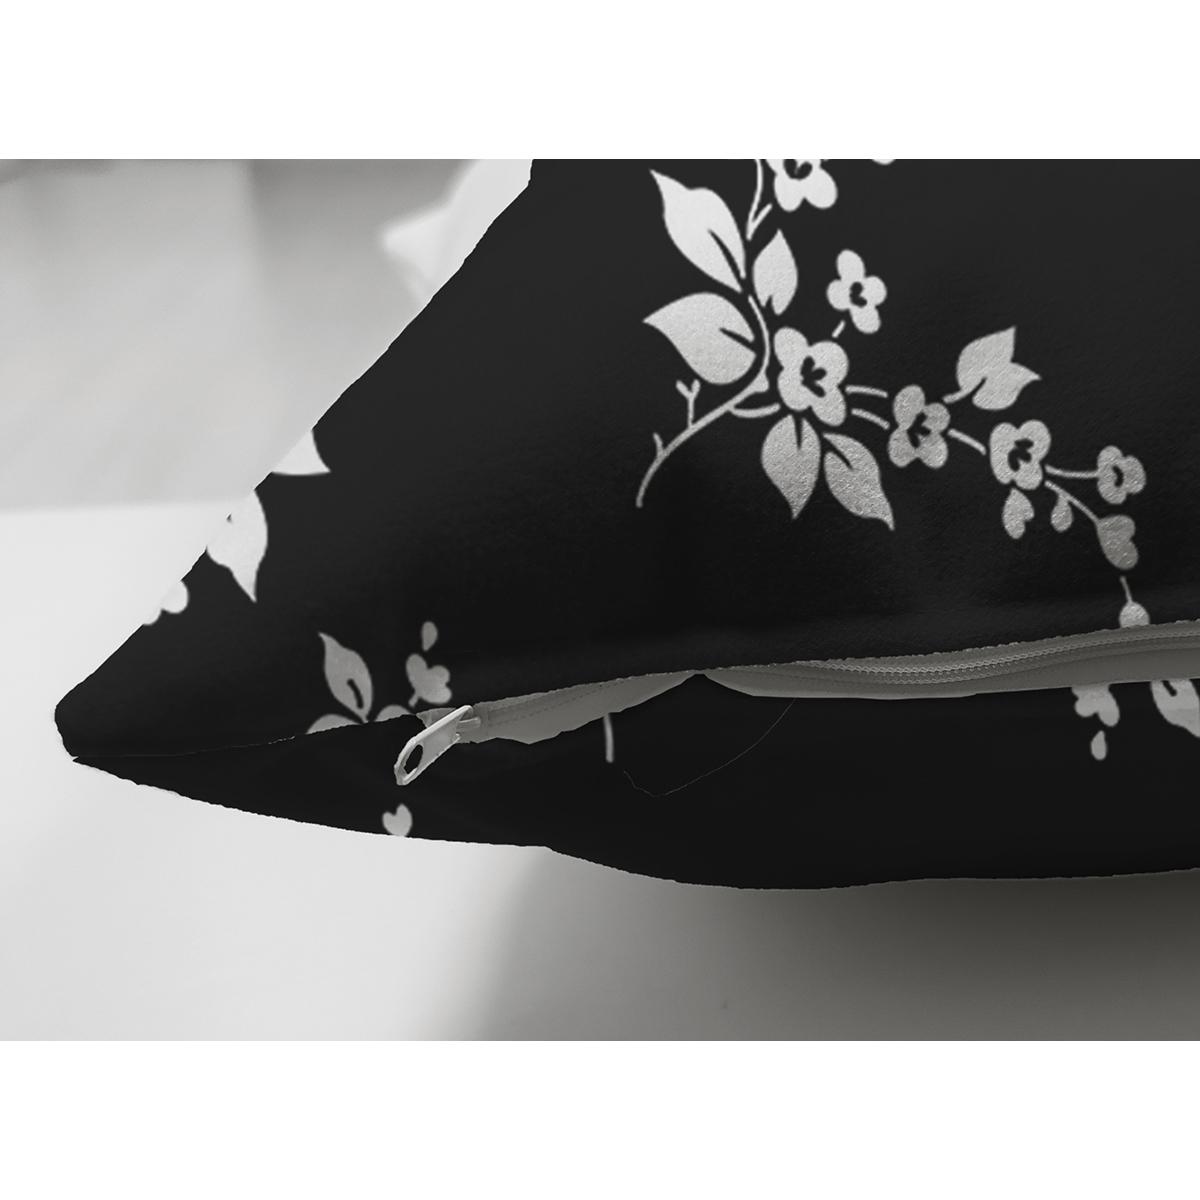 Çift Taraflı Siyah Zeminli Beyaz Çiçek Desenli Dijital Baskılı Modern Süet Yastık Kırlent Kılıfı Realhomes